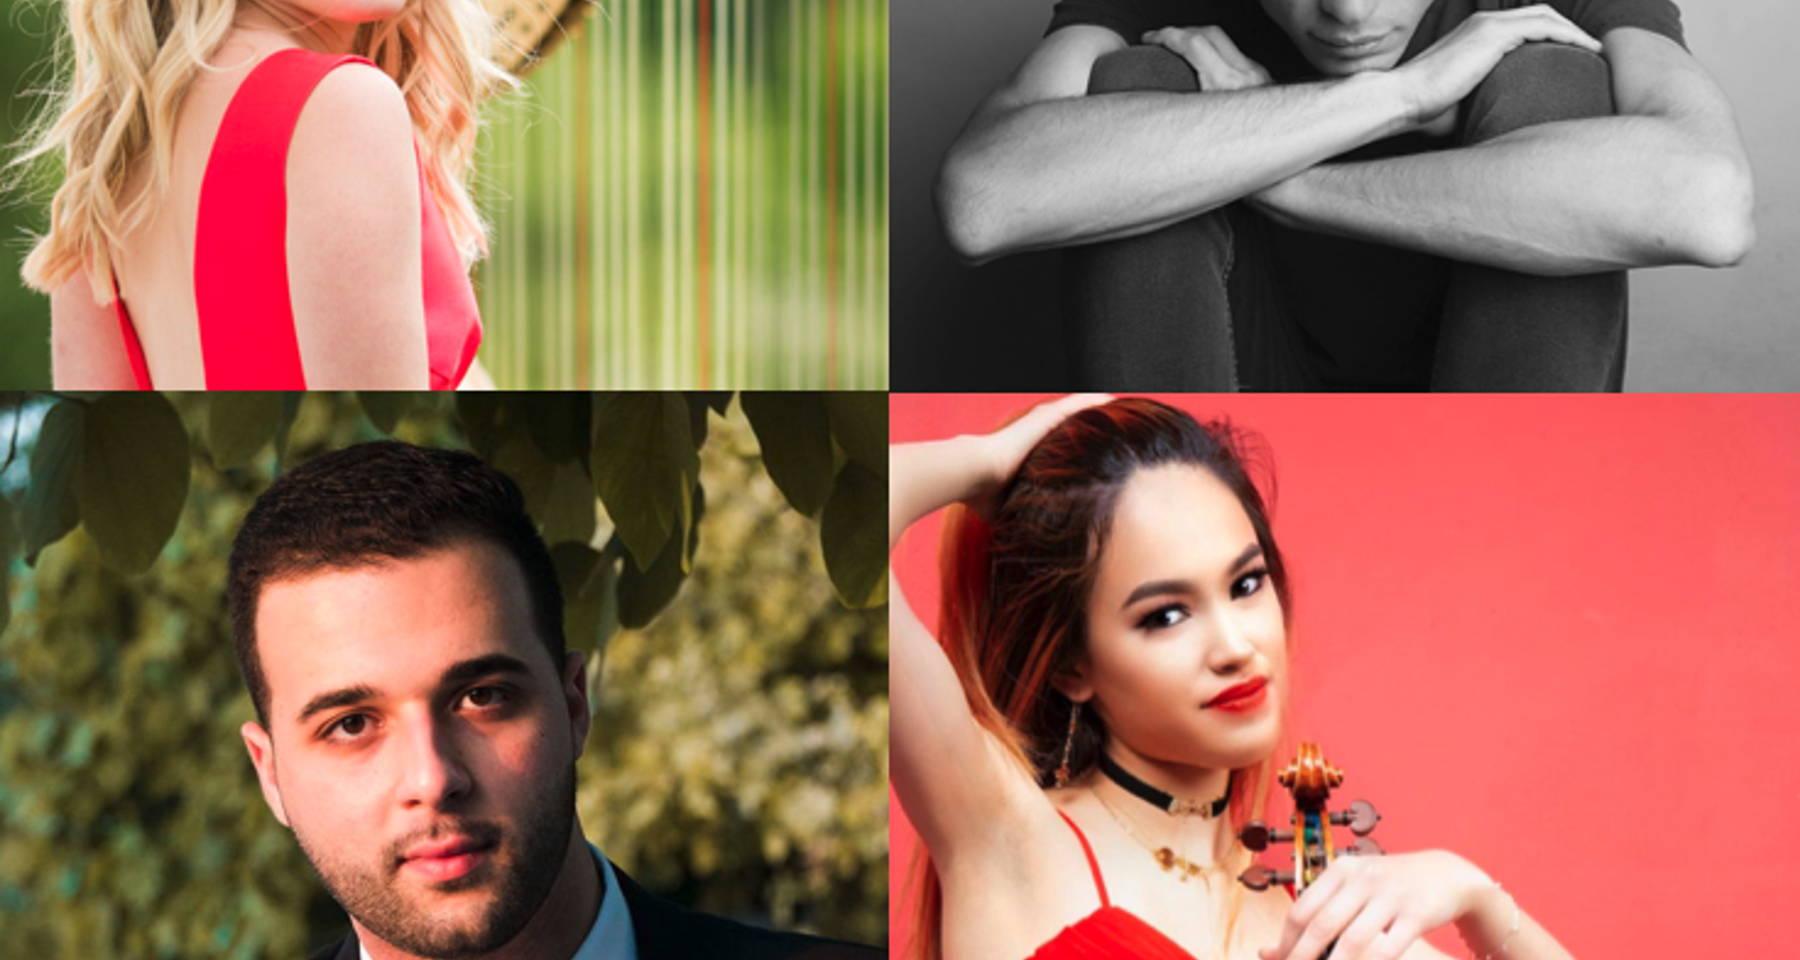 Bach and Ben, Concert One: Ben Solomonow (Cello), Alix Raspé Gray (Harp), Liana Branscome (Violin), Nathan Ben-Yehuda (Piano)